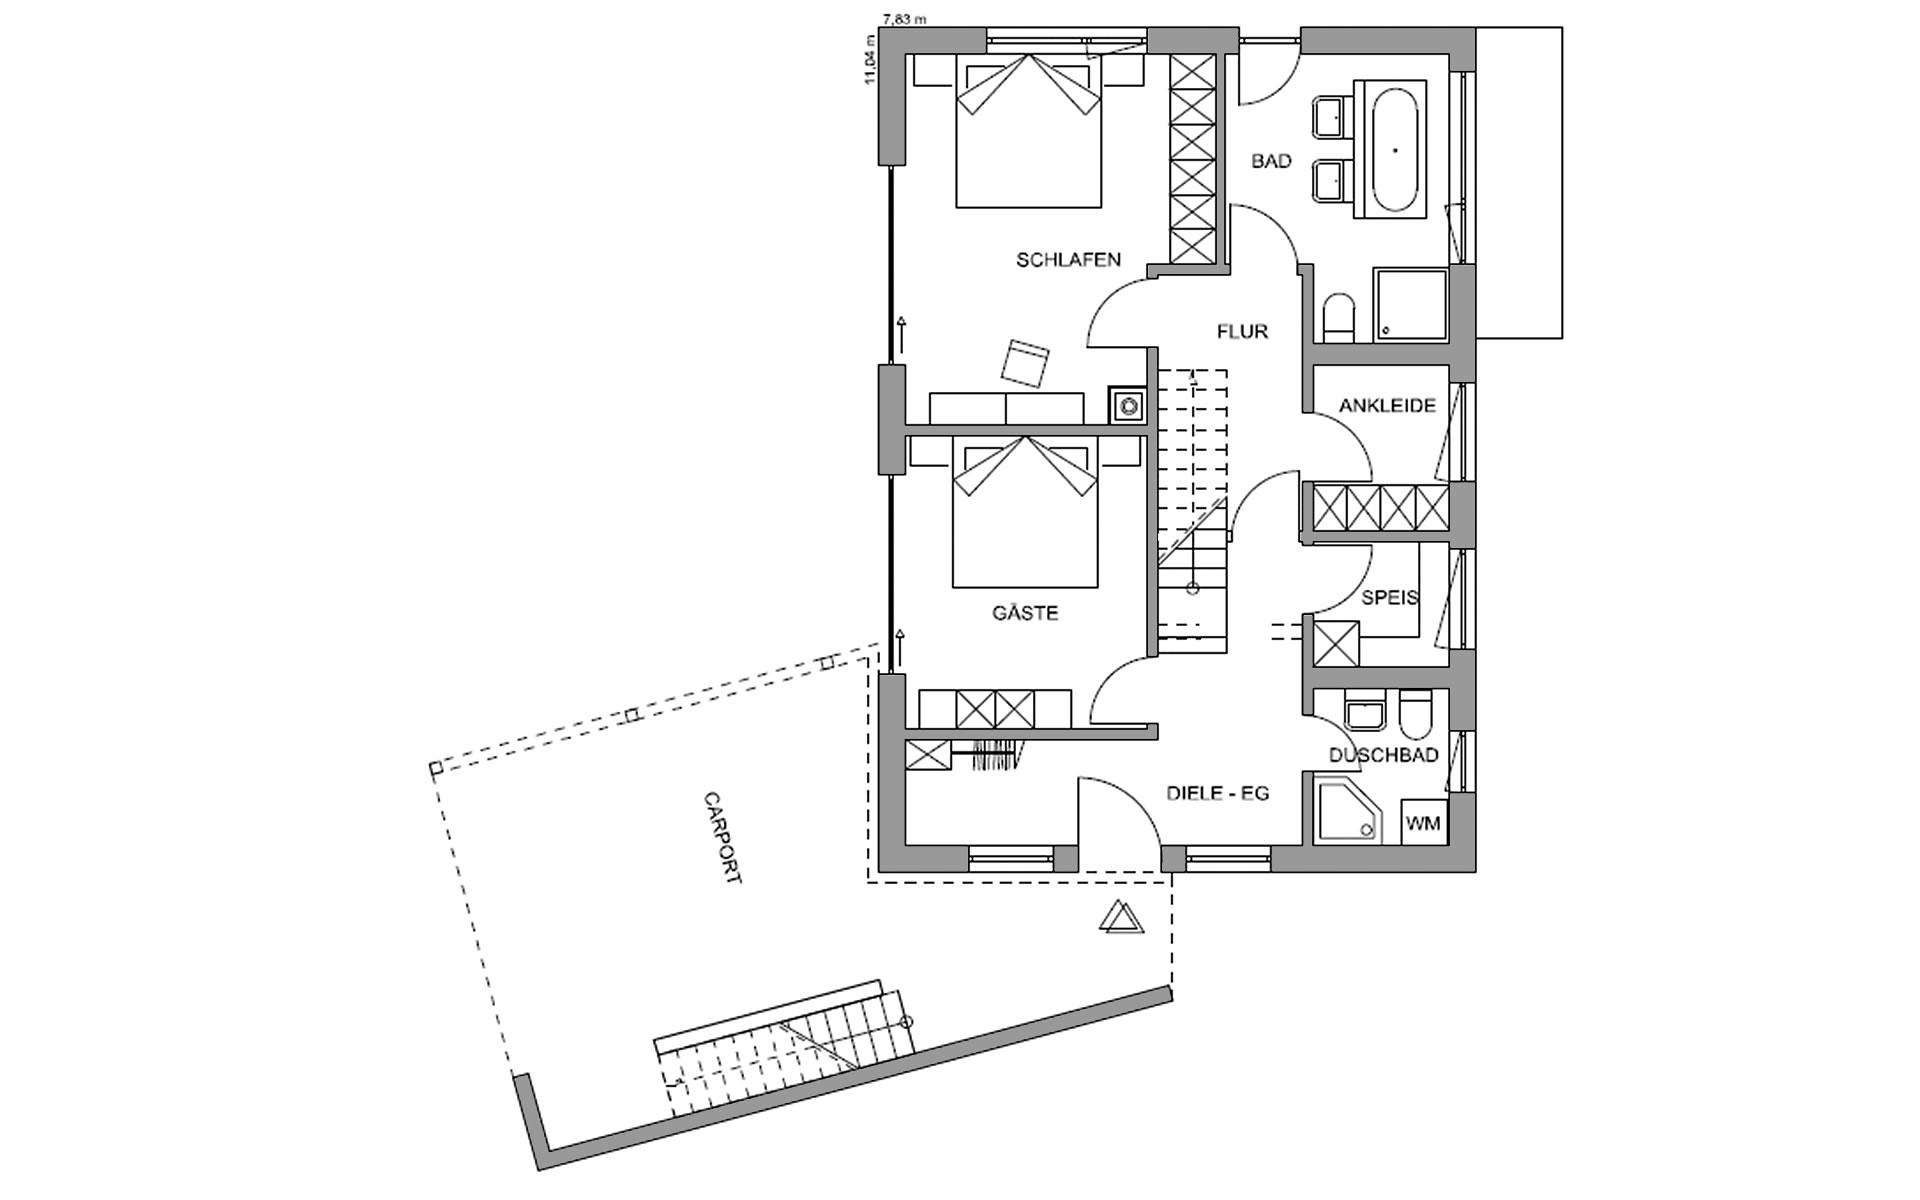 Erdgeschoss Waakirchen von Regnauer Hausbau GmbH & Co. KG